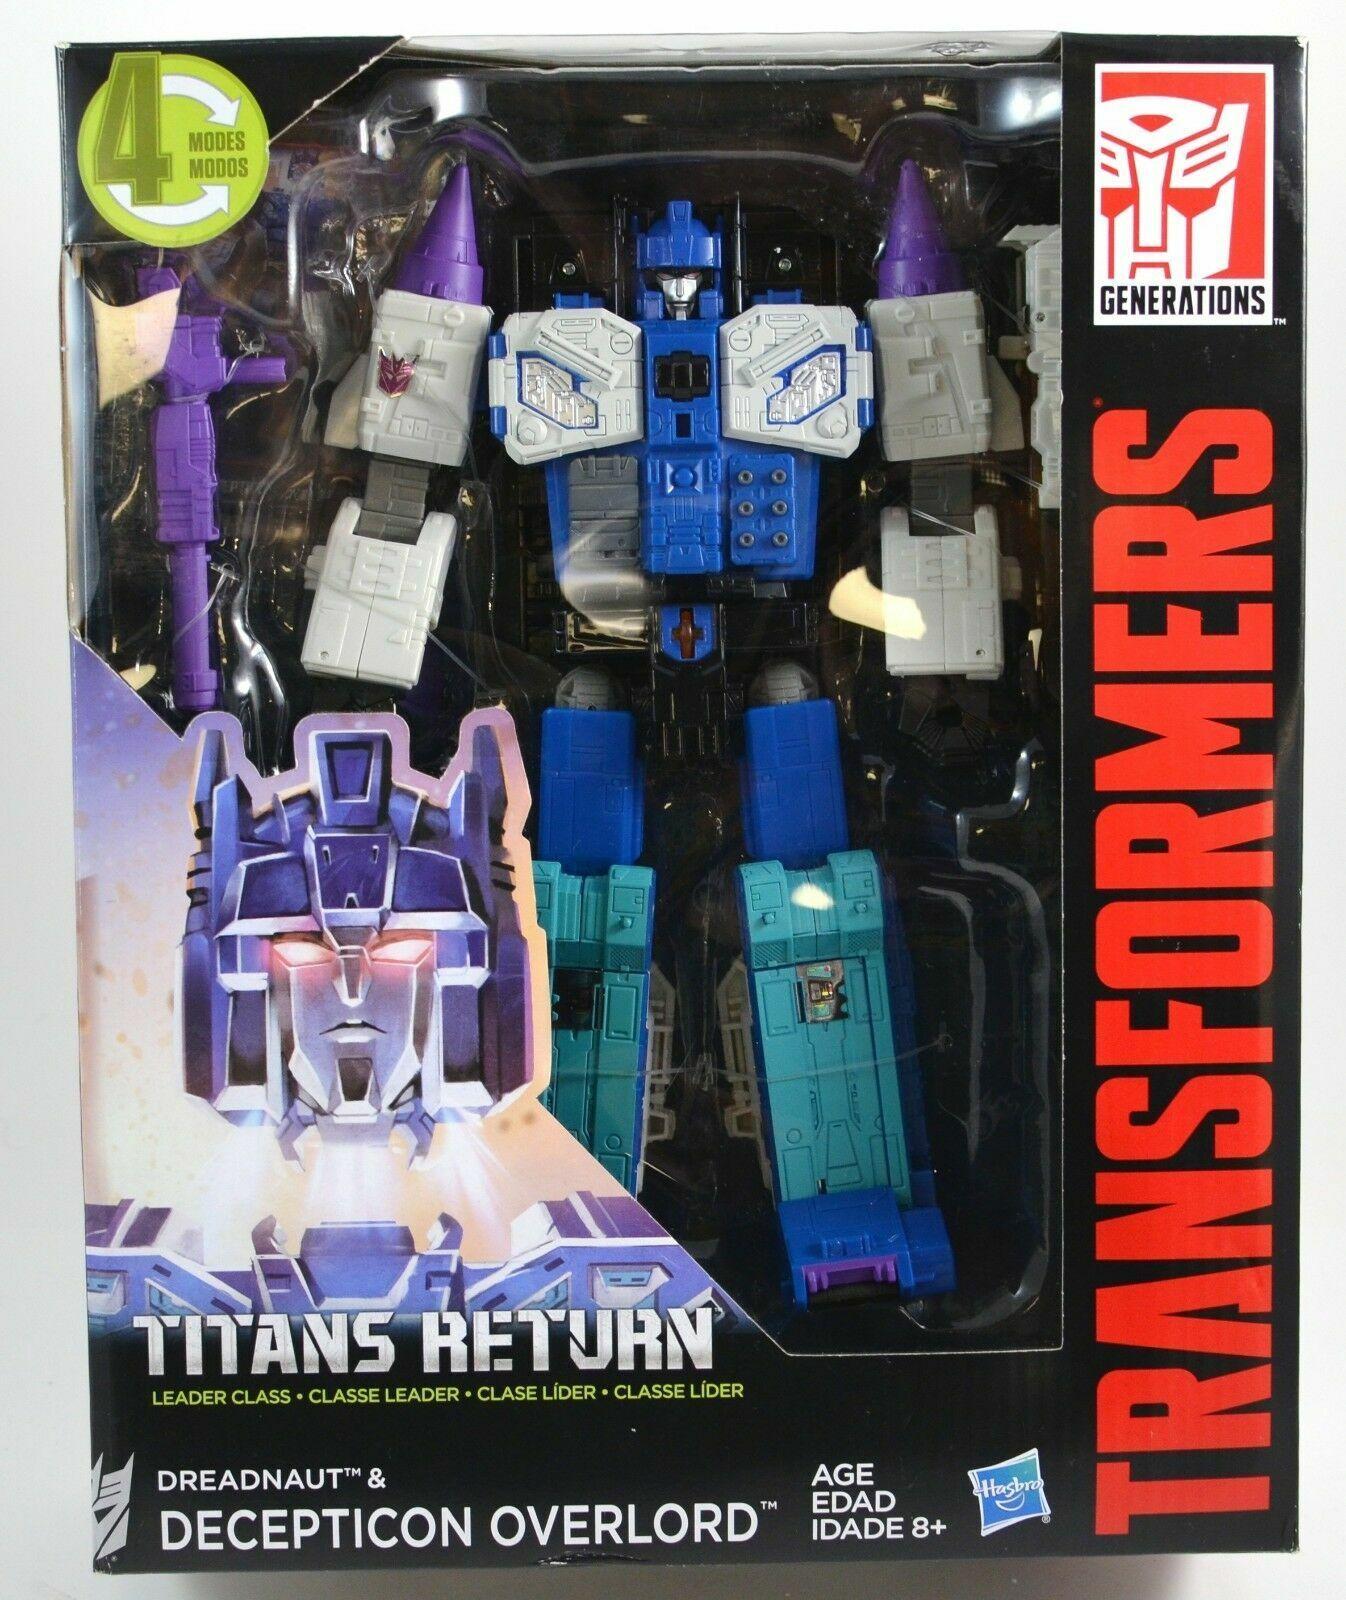 Transformers Generations Titans Return Dreadnaut & Decepticon Overlord Brand New